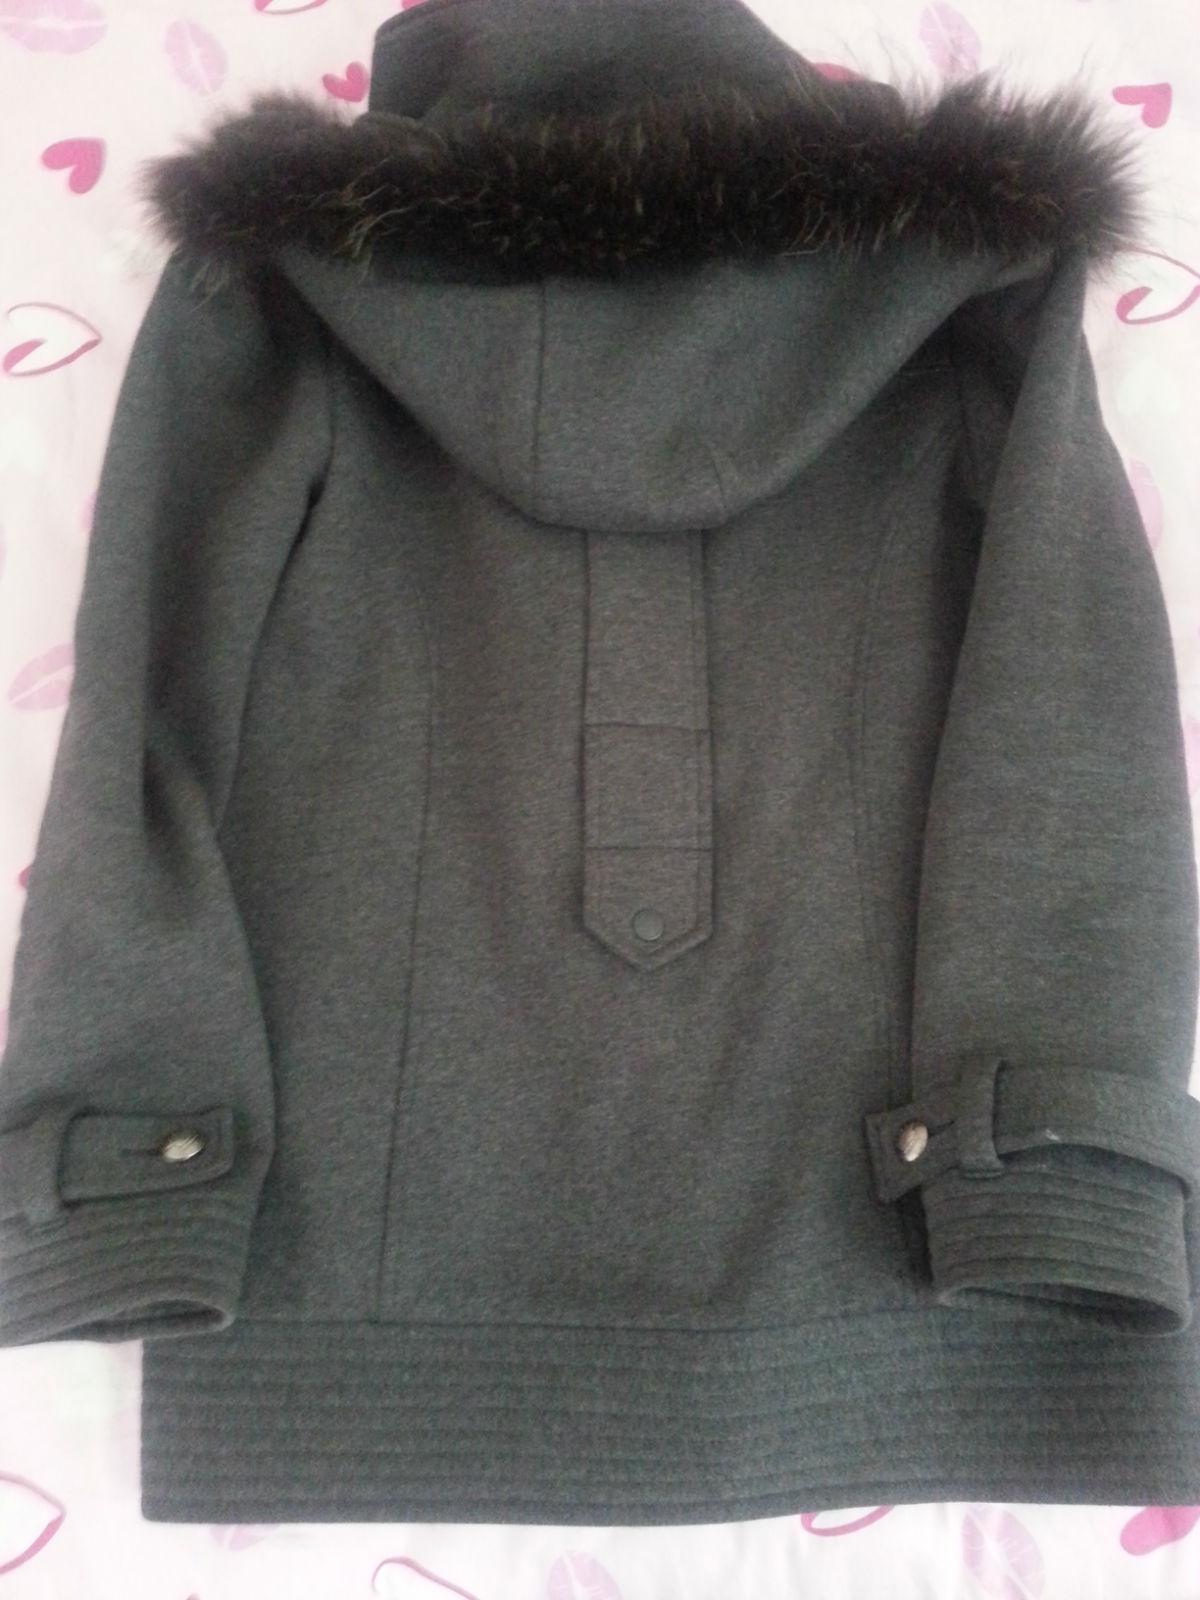 浅粉大衣搭配灰色包包